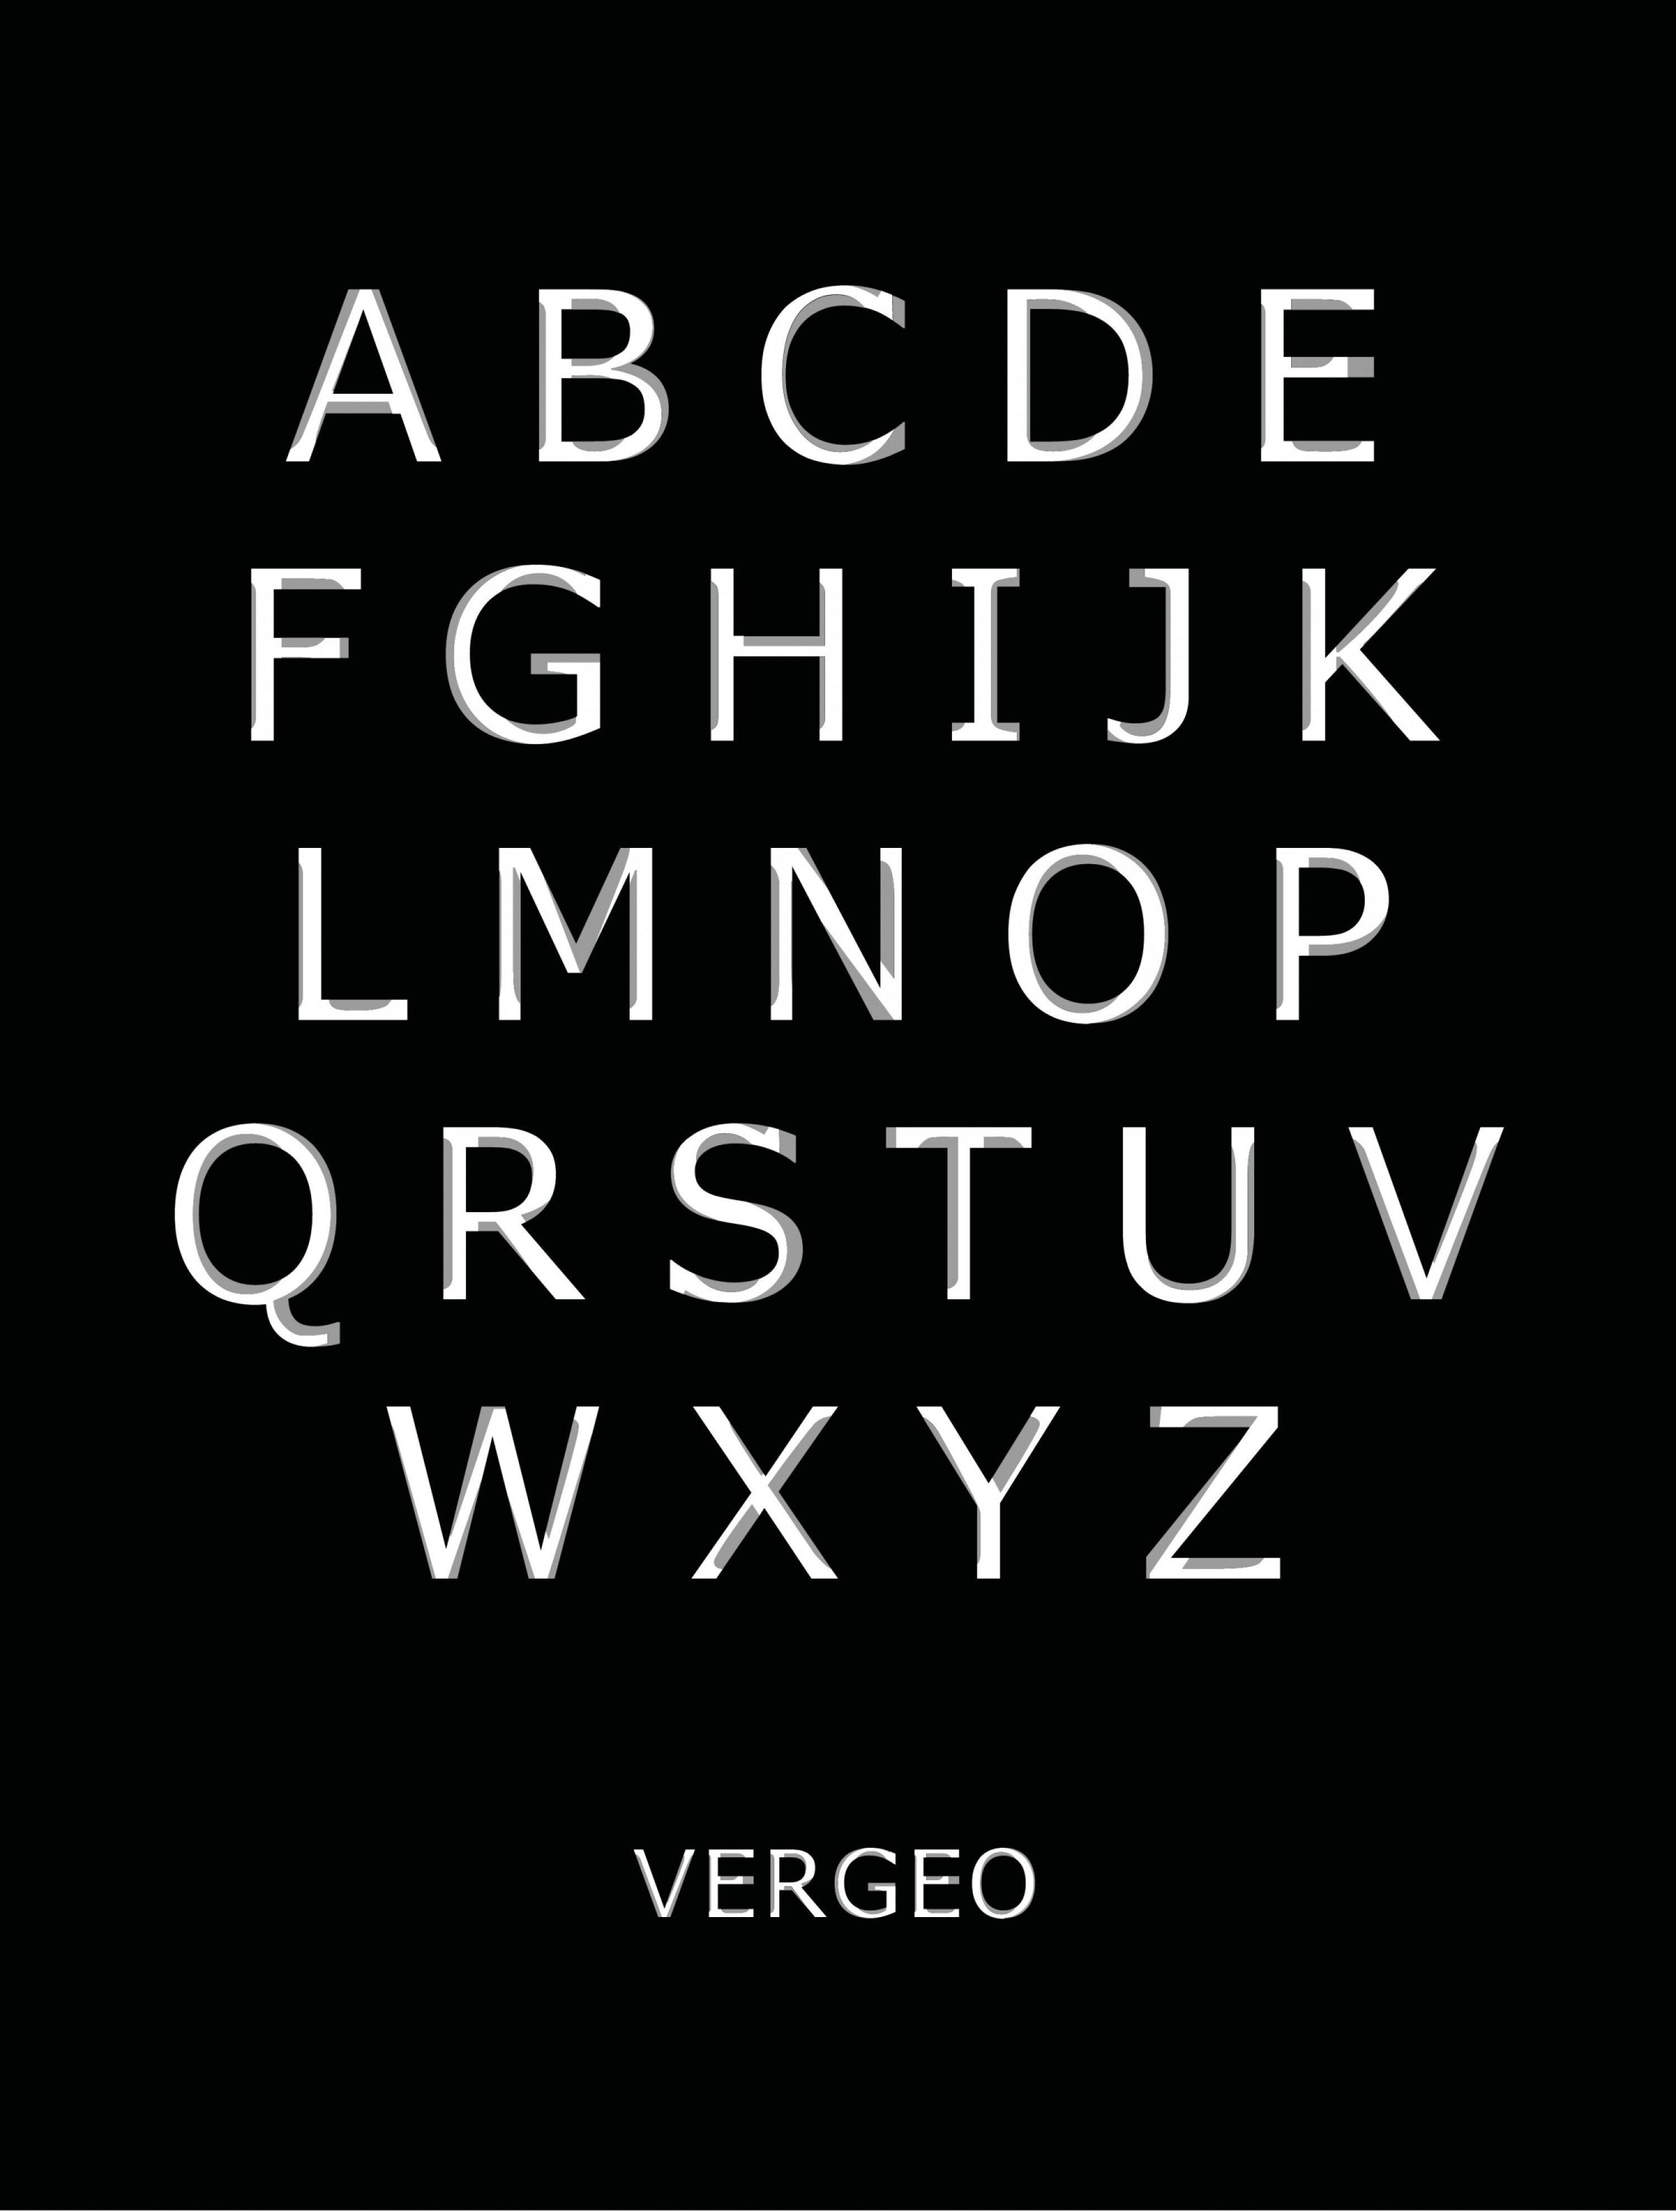 KEE_TD_Vergeo_ABC